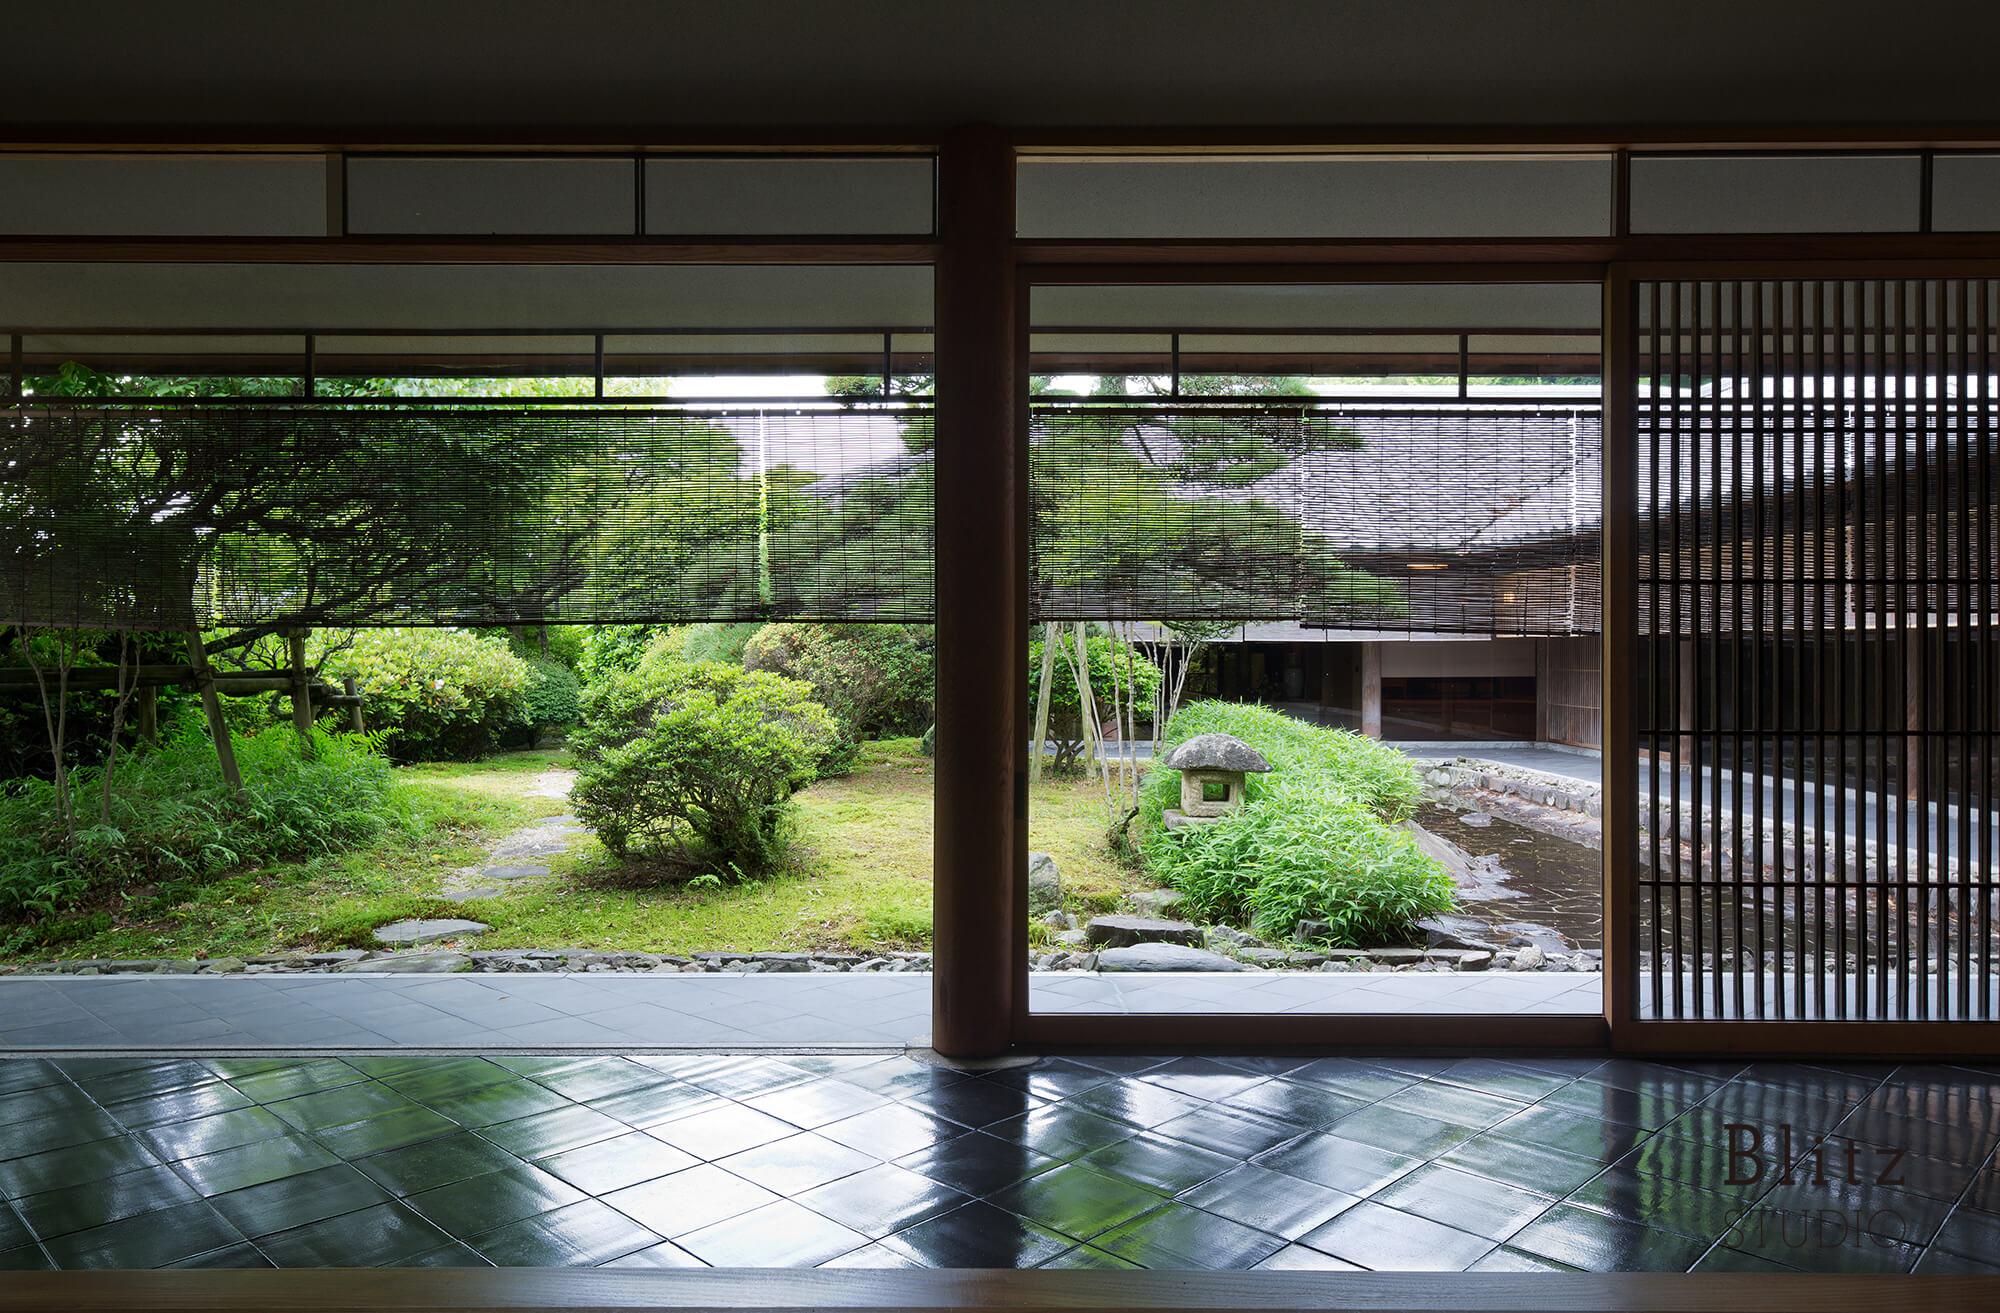 『宗像名残荘』建築写真・竣工写真・インテリア写真33